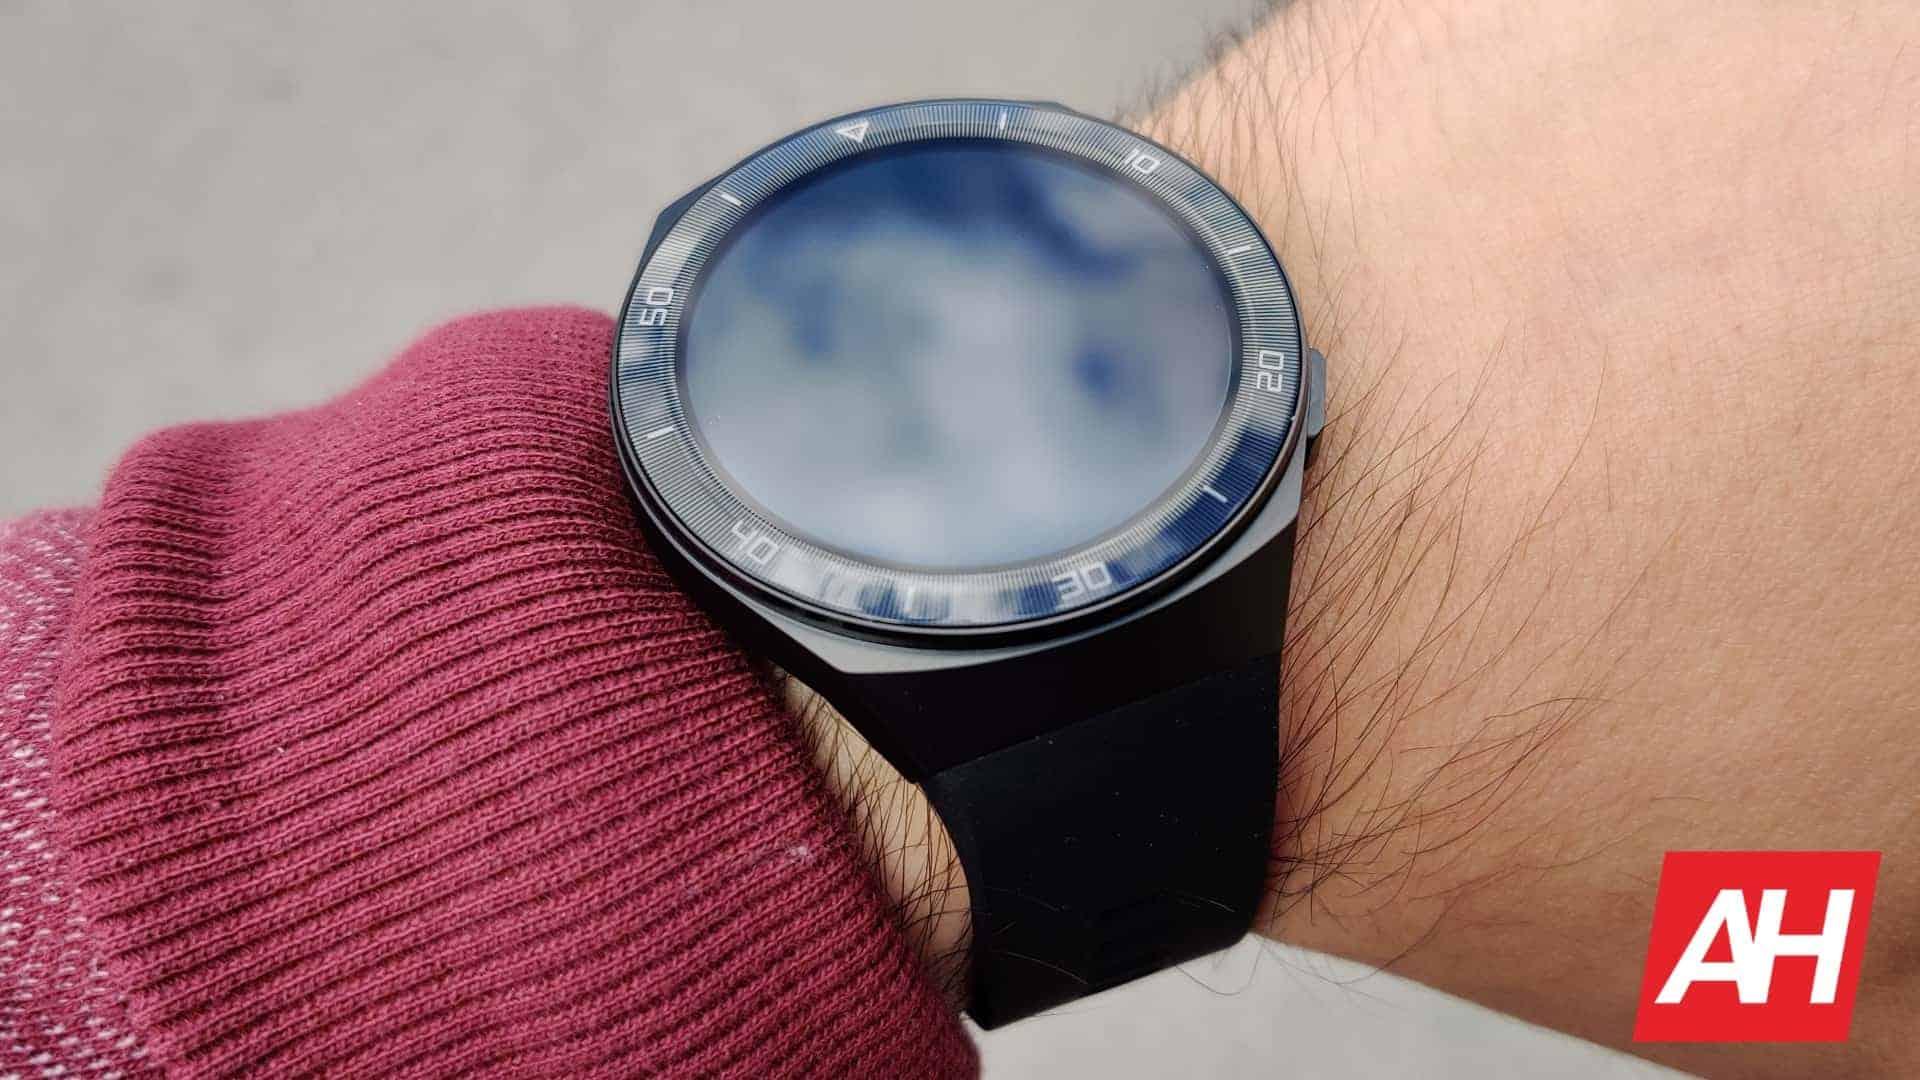 AH Huawei Watch GT 2e image 31